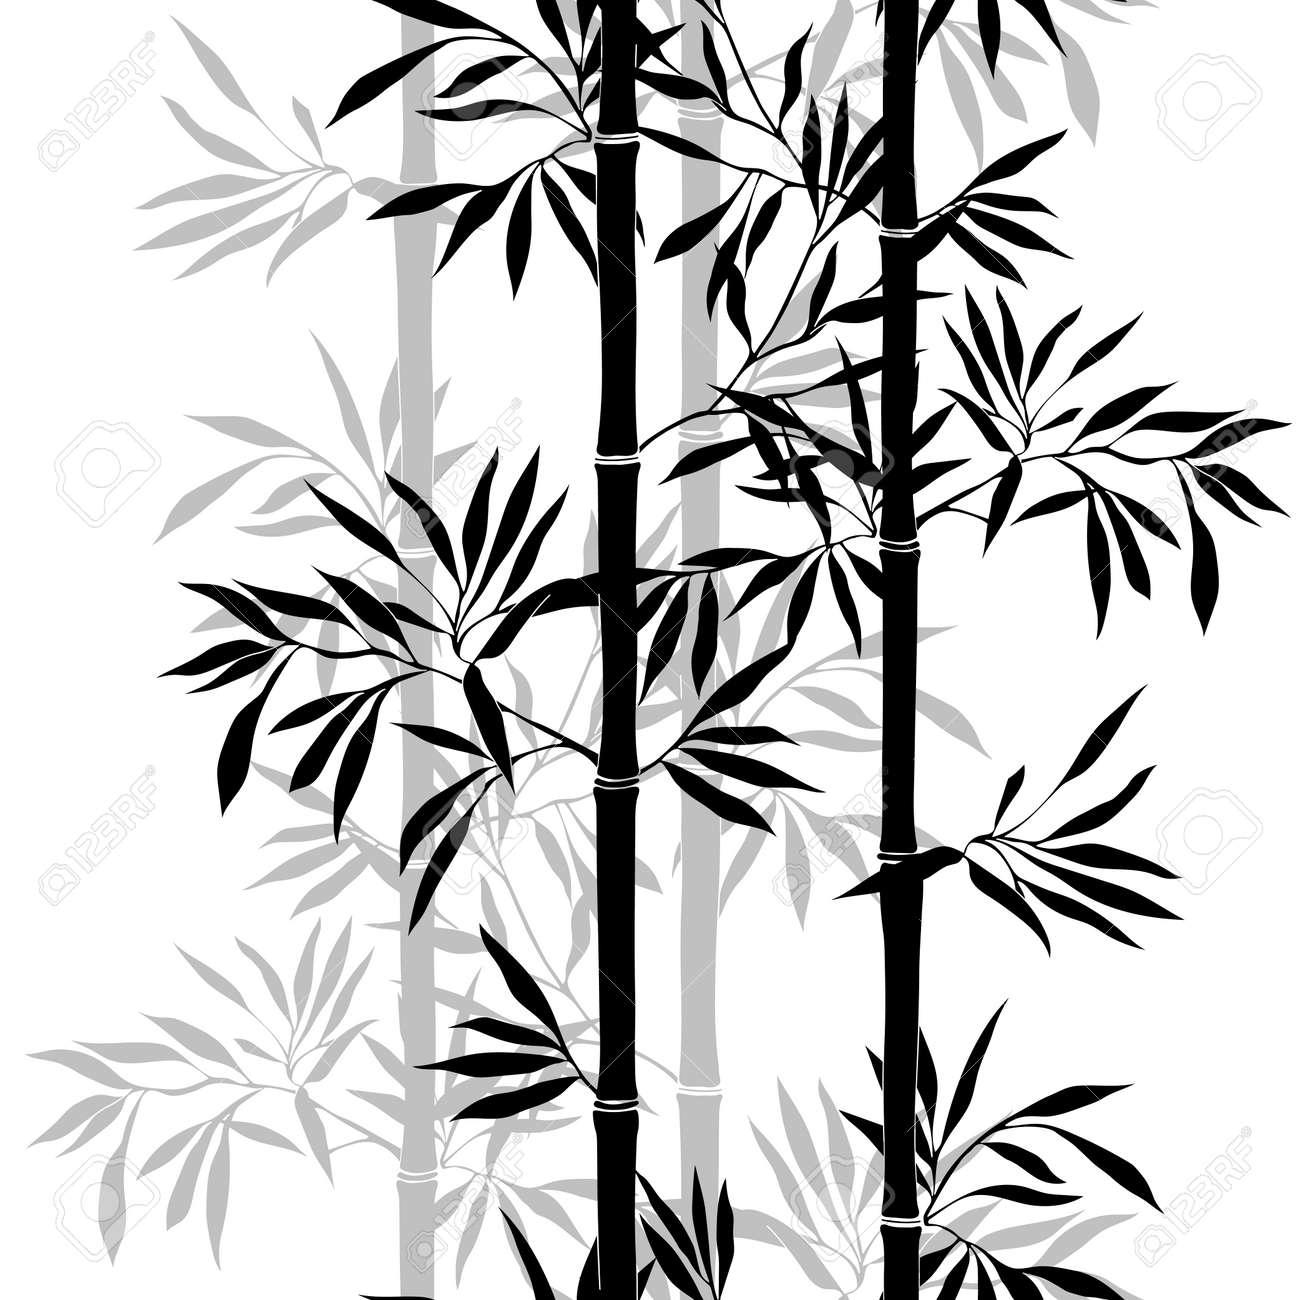 Nahtlose Muster Bambus Blatt Hintergrund Floral Nahtlose Textur